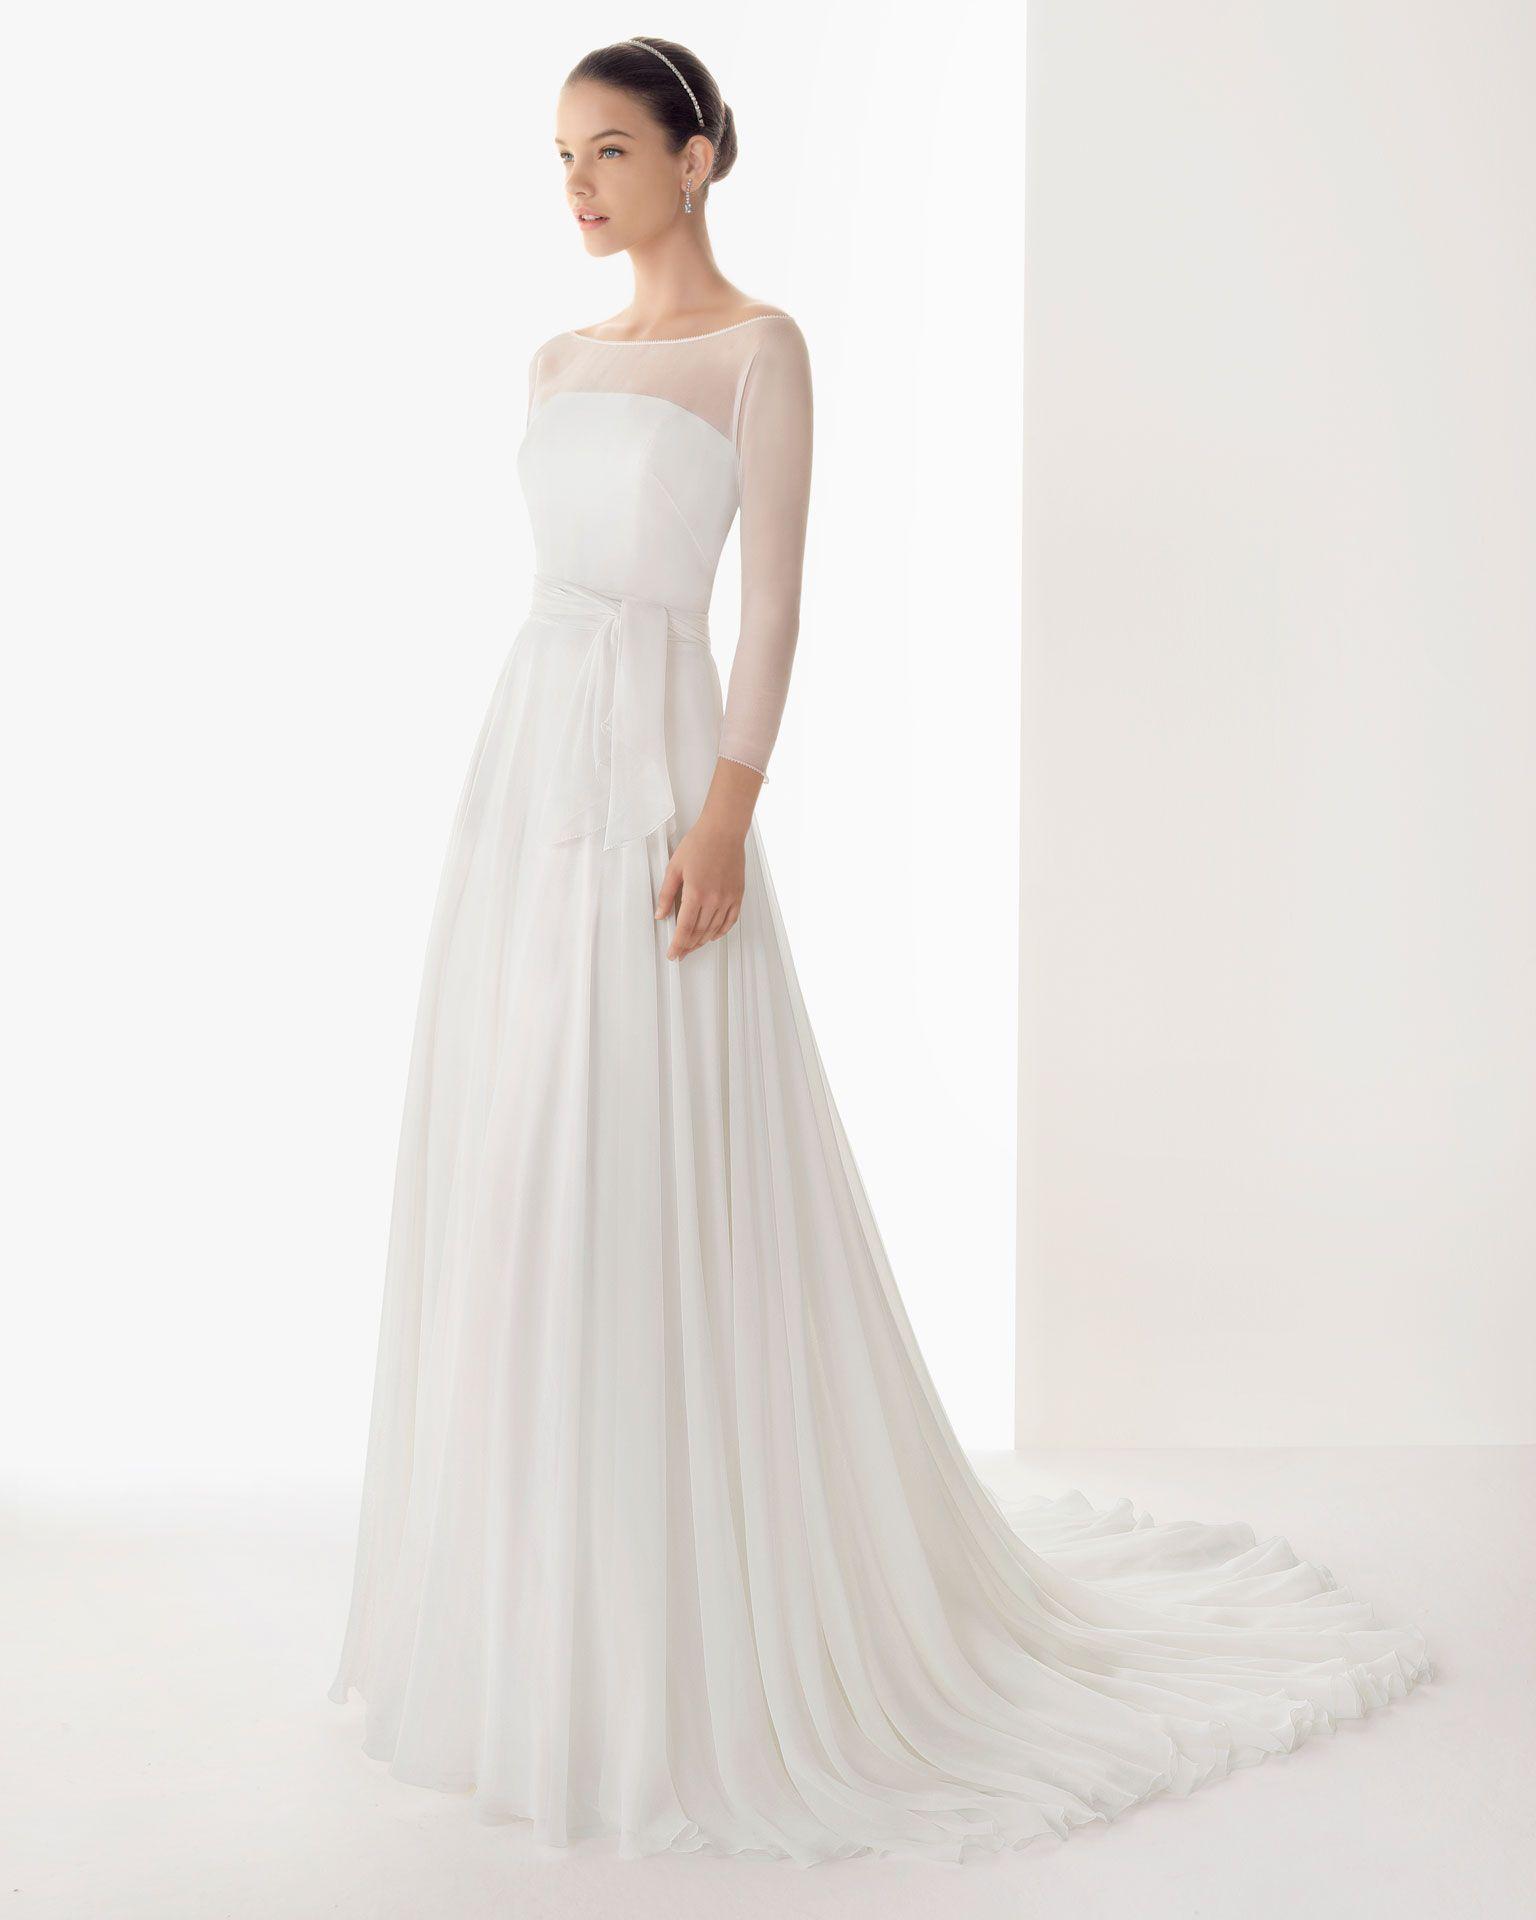 vestidos de novia sencillos y elegantes - Buscar con Google | Boda ...